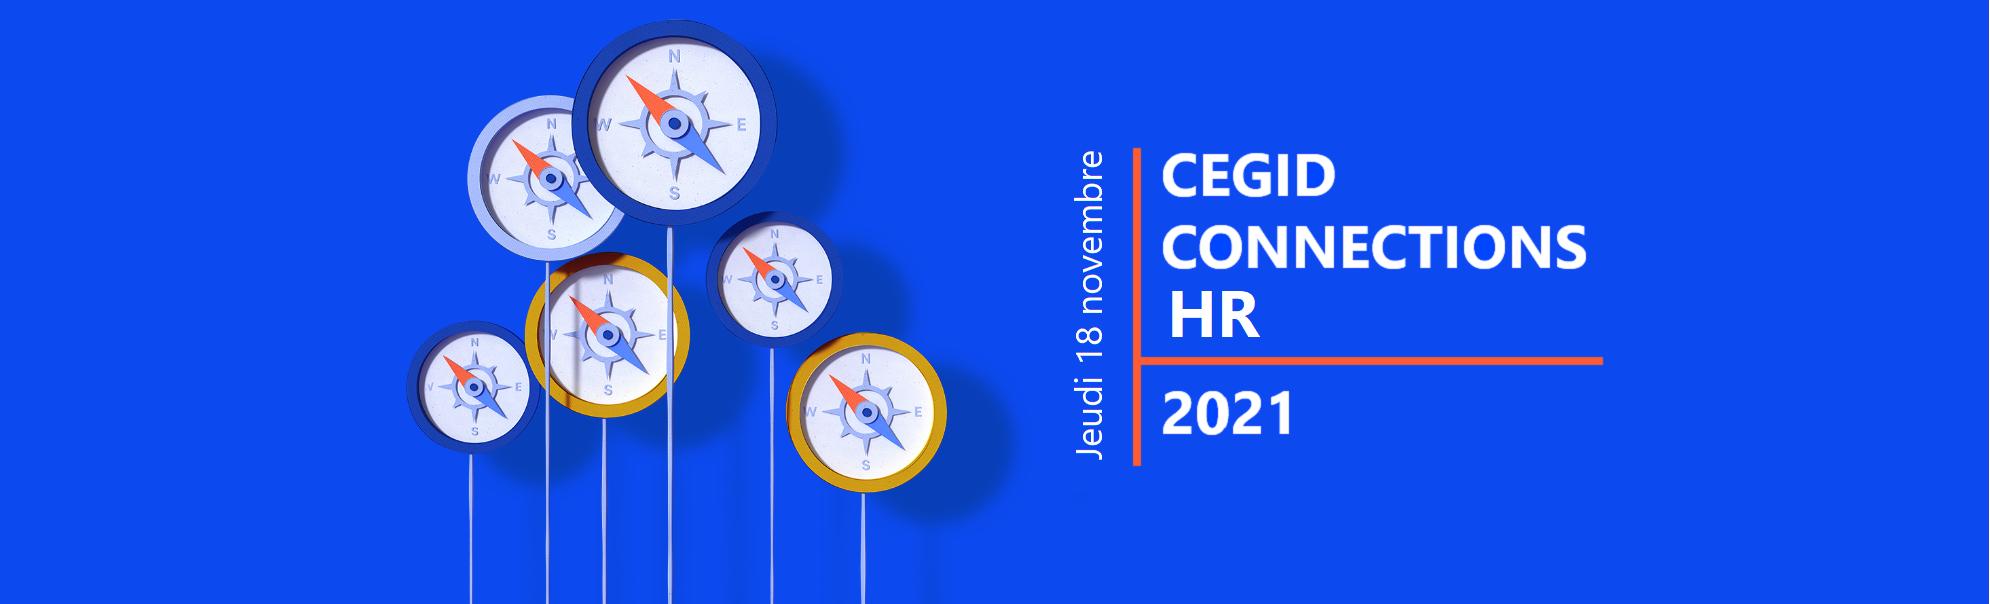 Cegid Connections HR